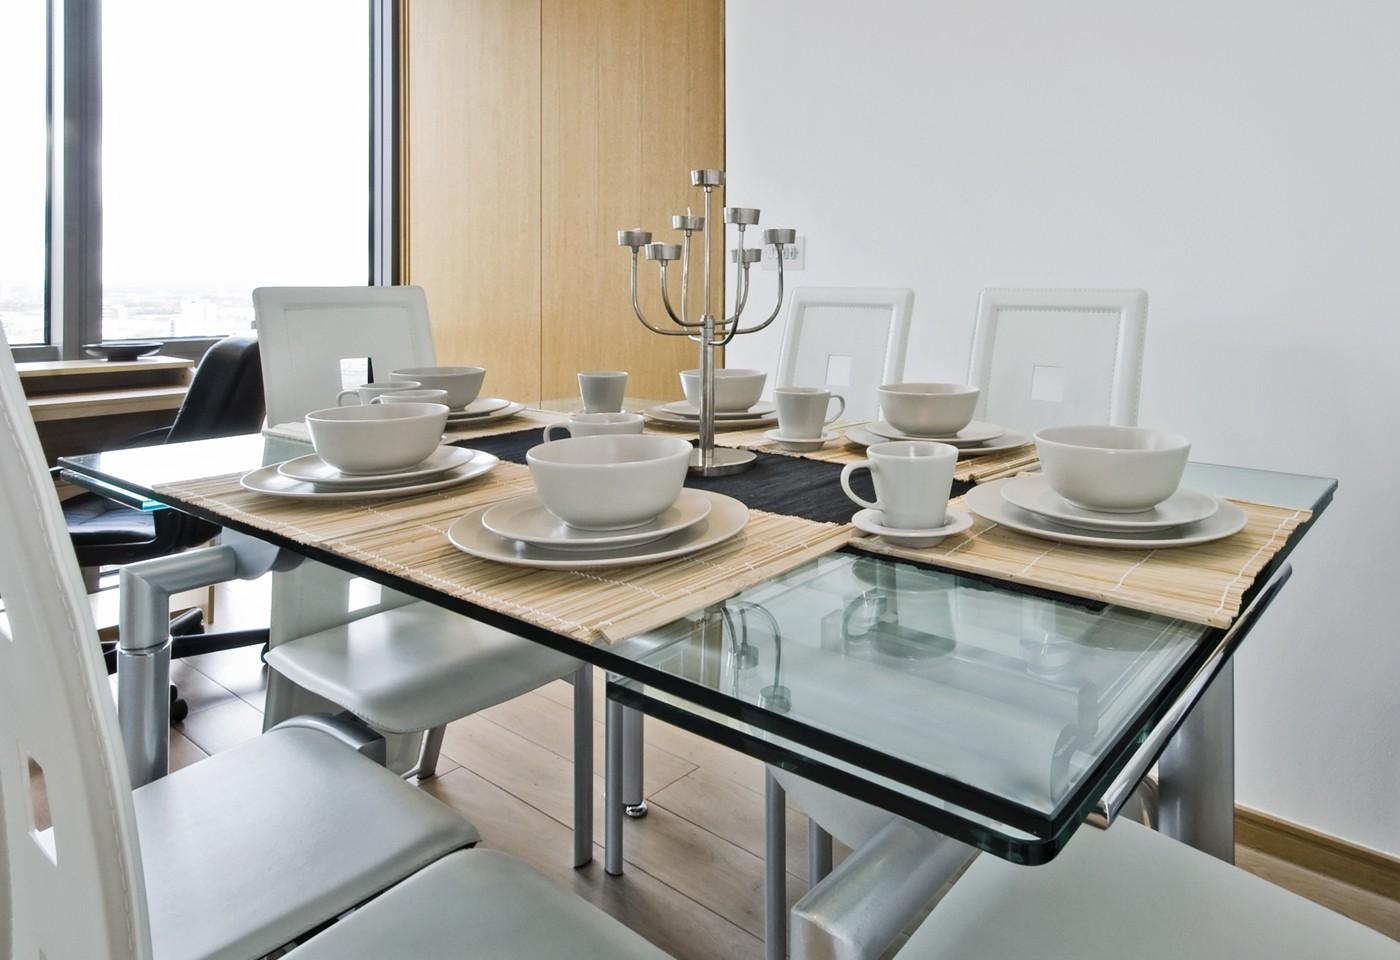 Tavolo in cristallo per la sala da pranzo idee raffinate ed eleganti - Tavolo pranzo cristallo ...